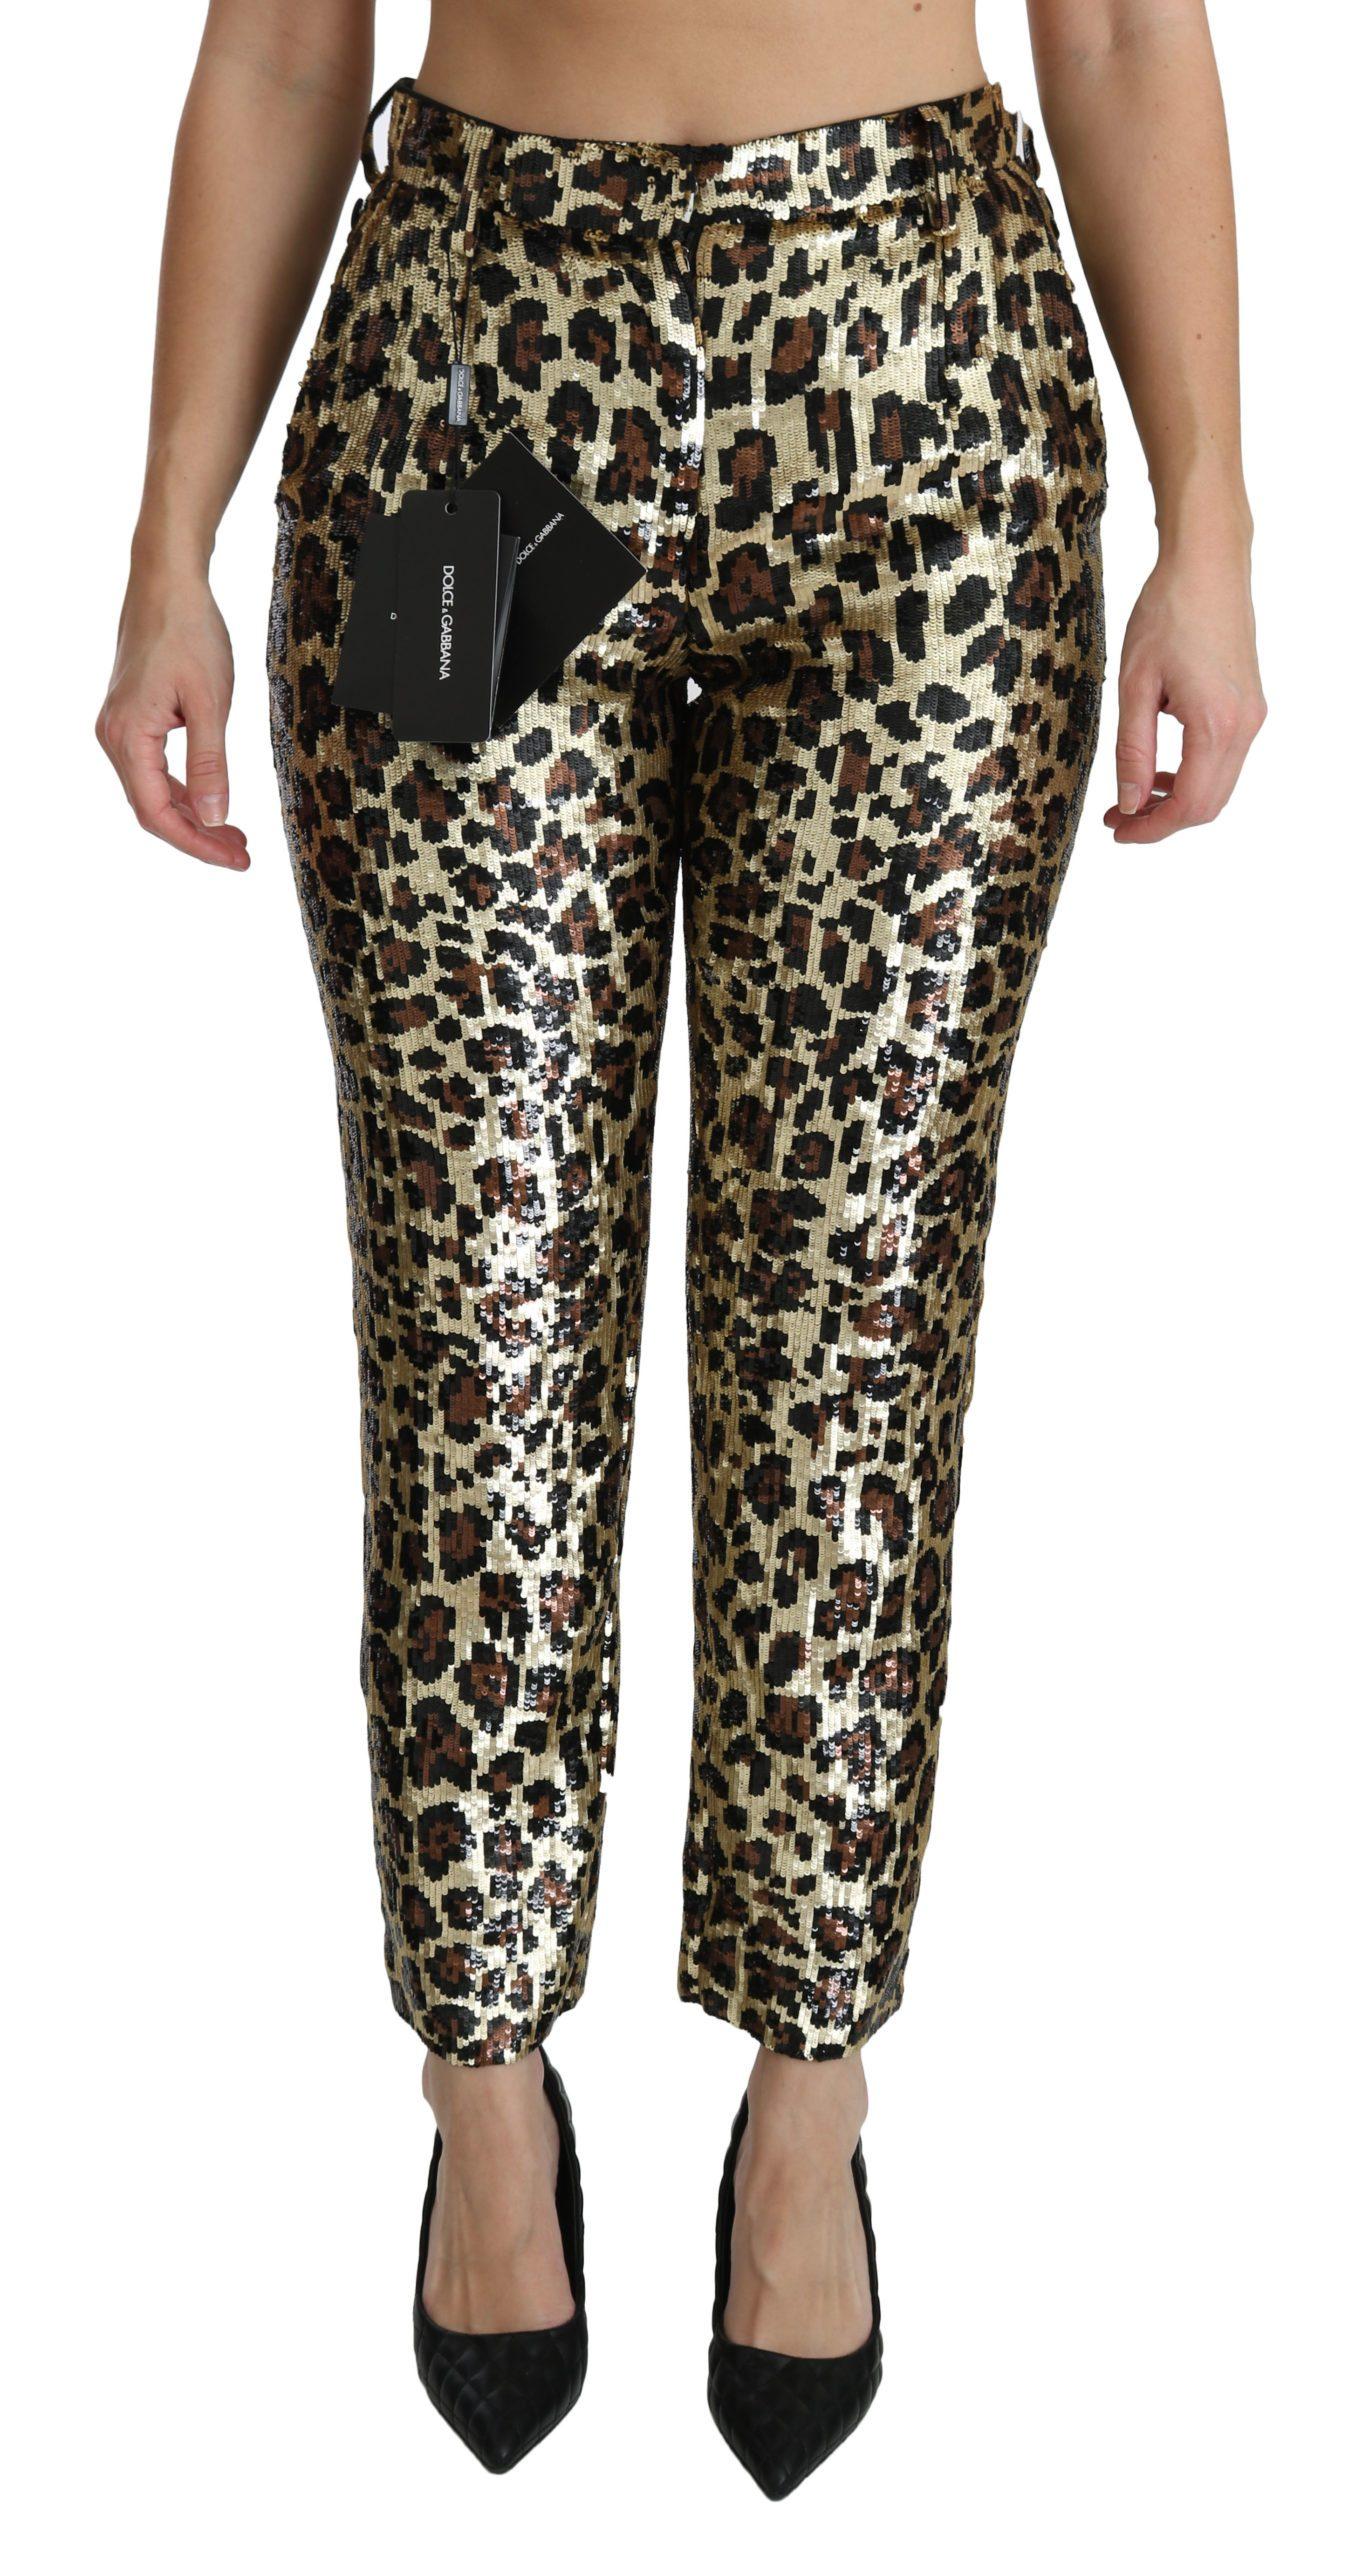 Dolce & Gabbana Women's Leopard Sequined High Waist Trouser Gold PAN70872 - IT38|XS